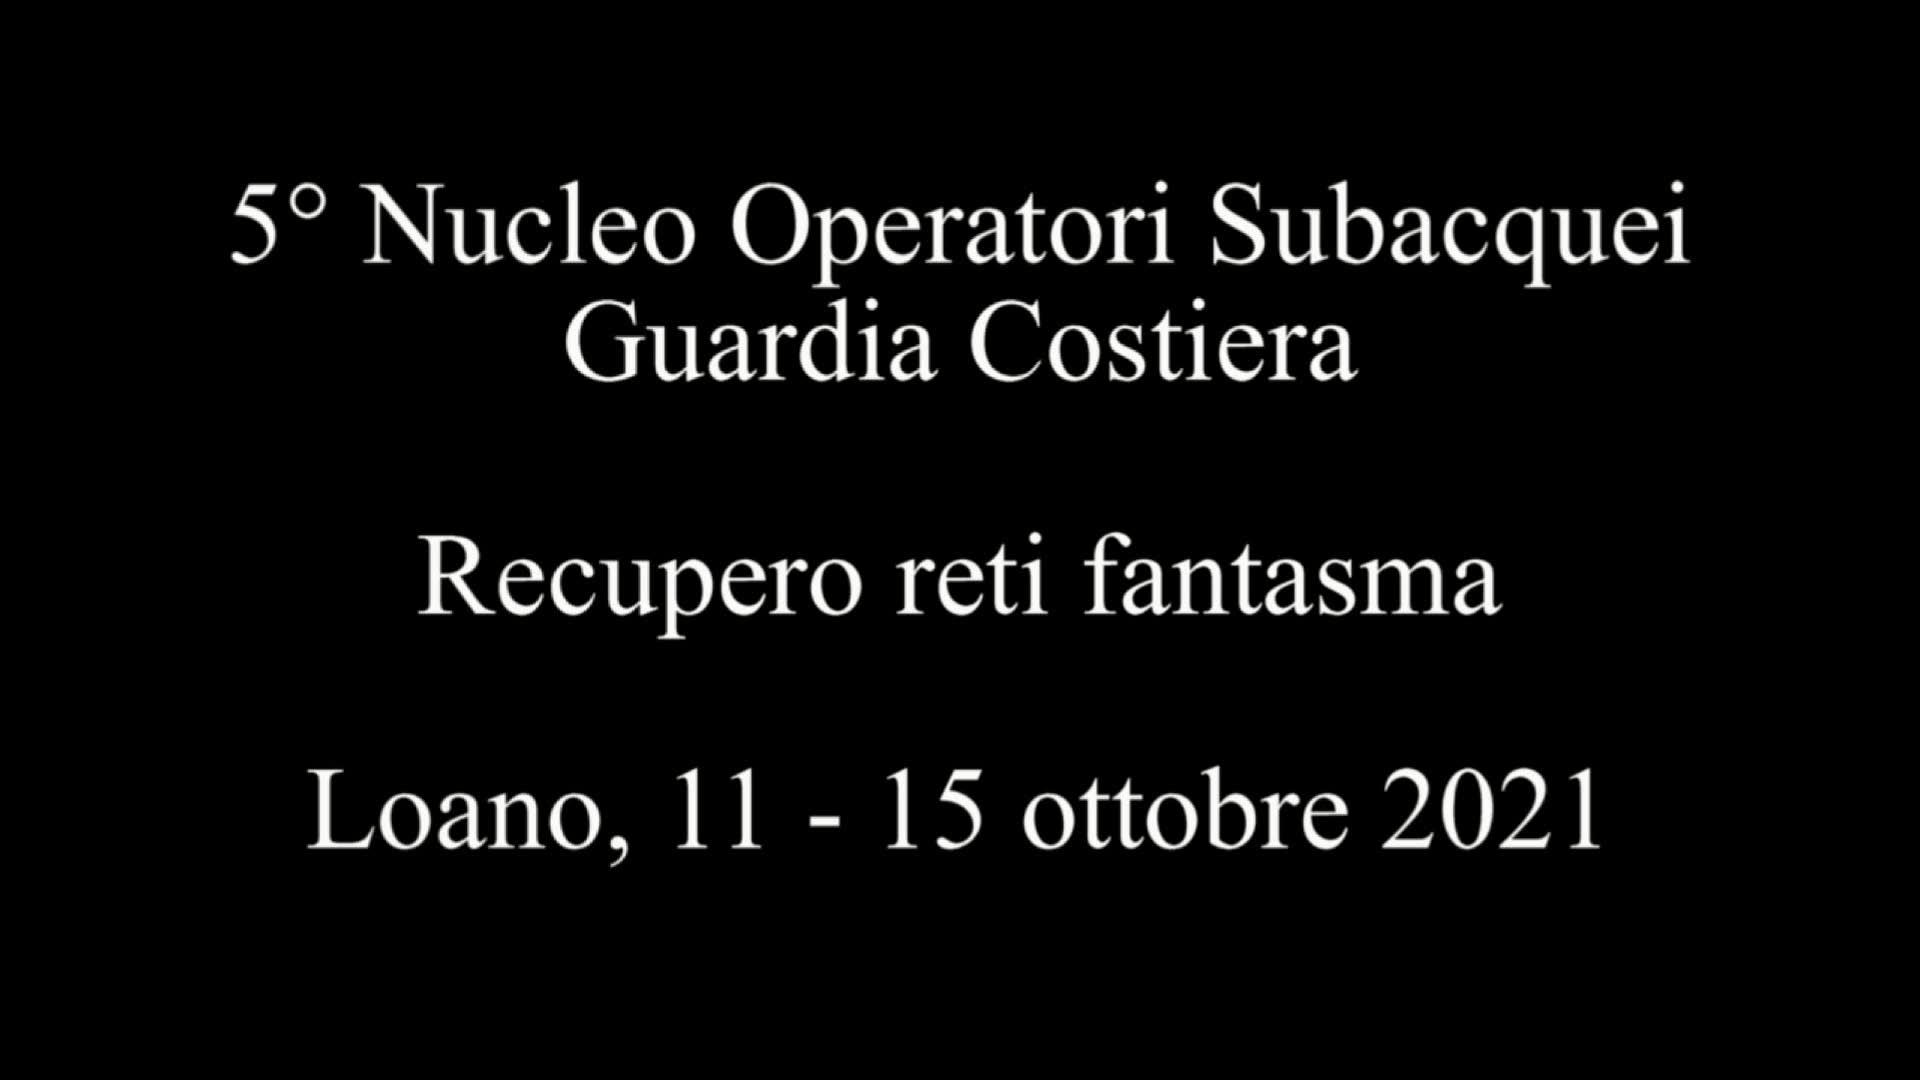 Reti Fantasma 2021, i dettagli dell'operazione della Guardia Costiera